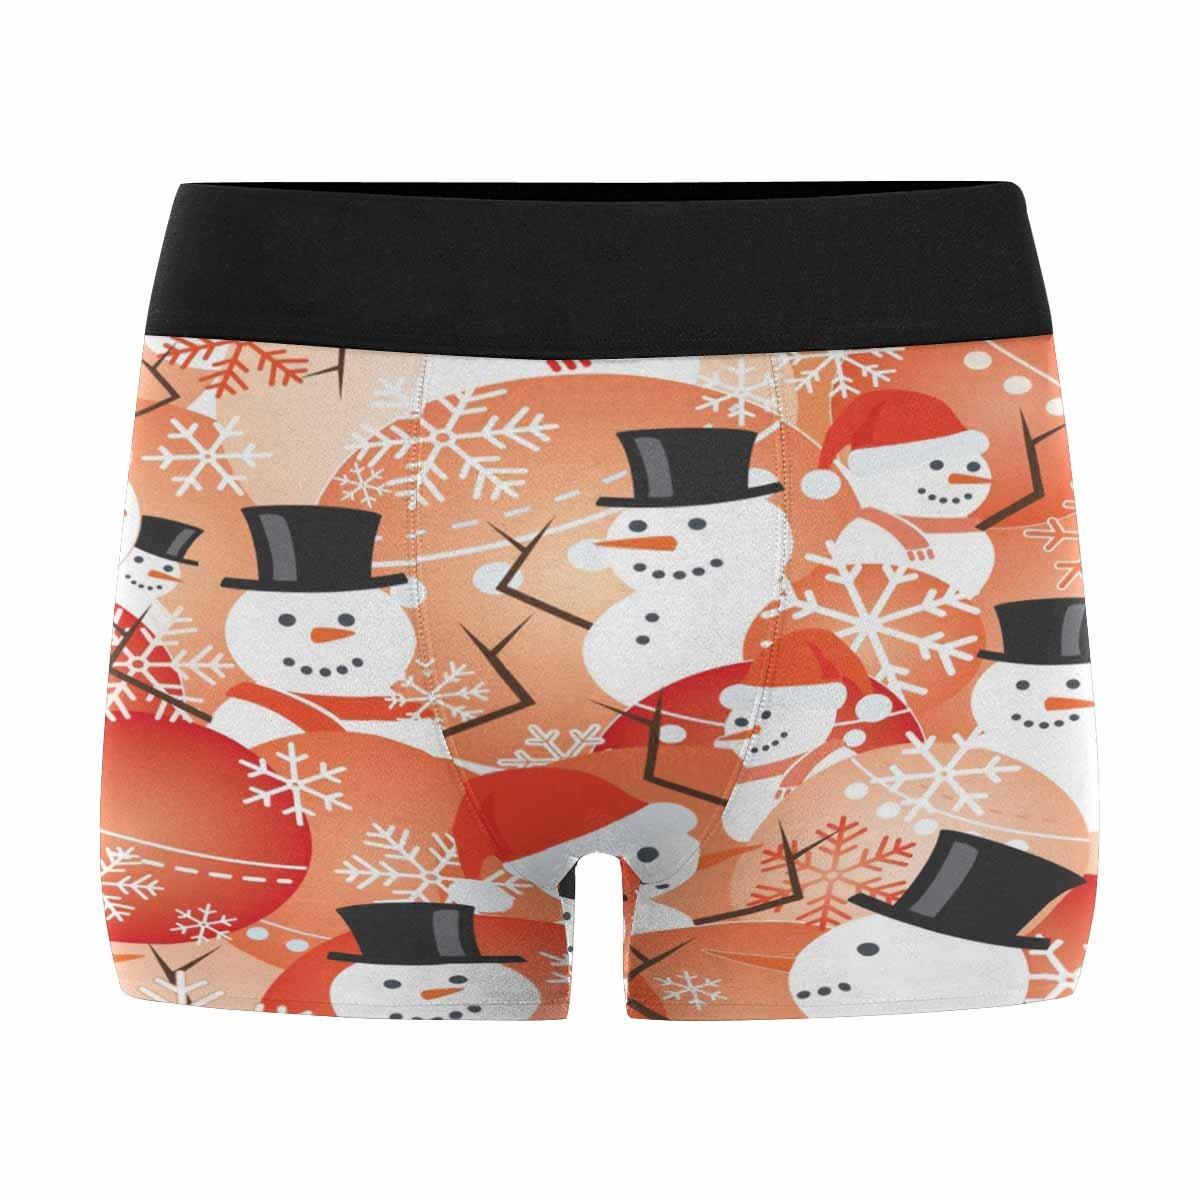 XS-3XL INTERESTPRINT Mens Boxer Briefs Underwear Christmas Pattern